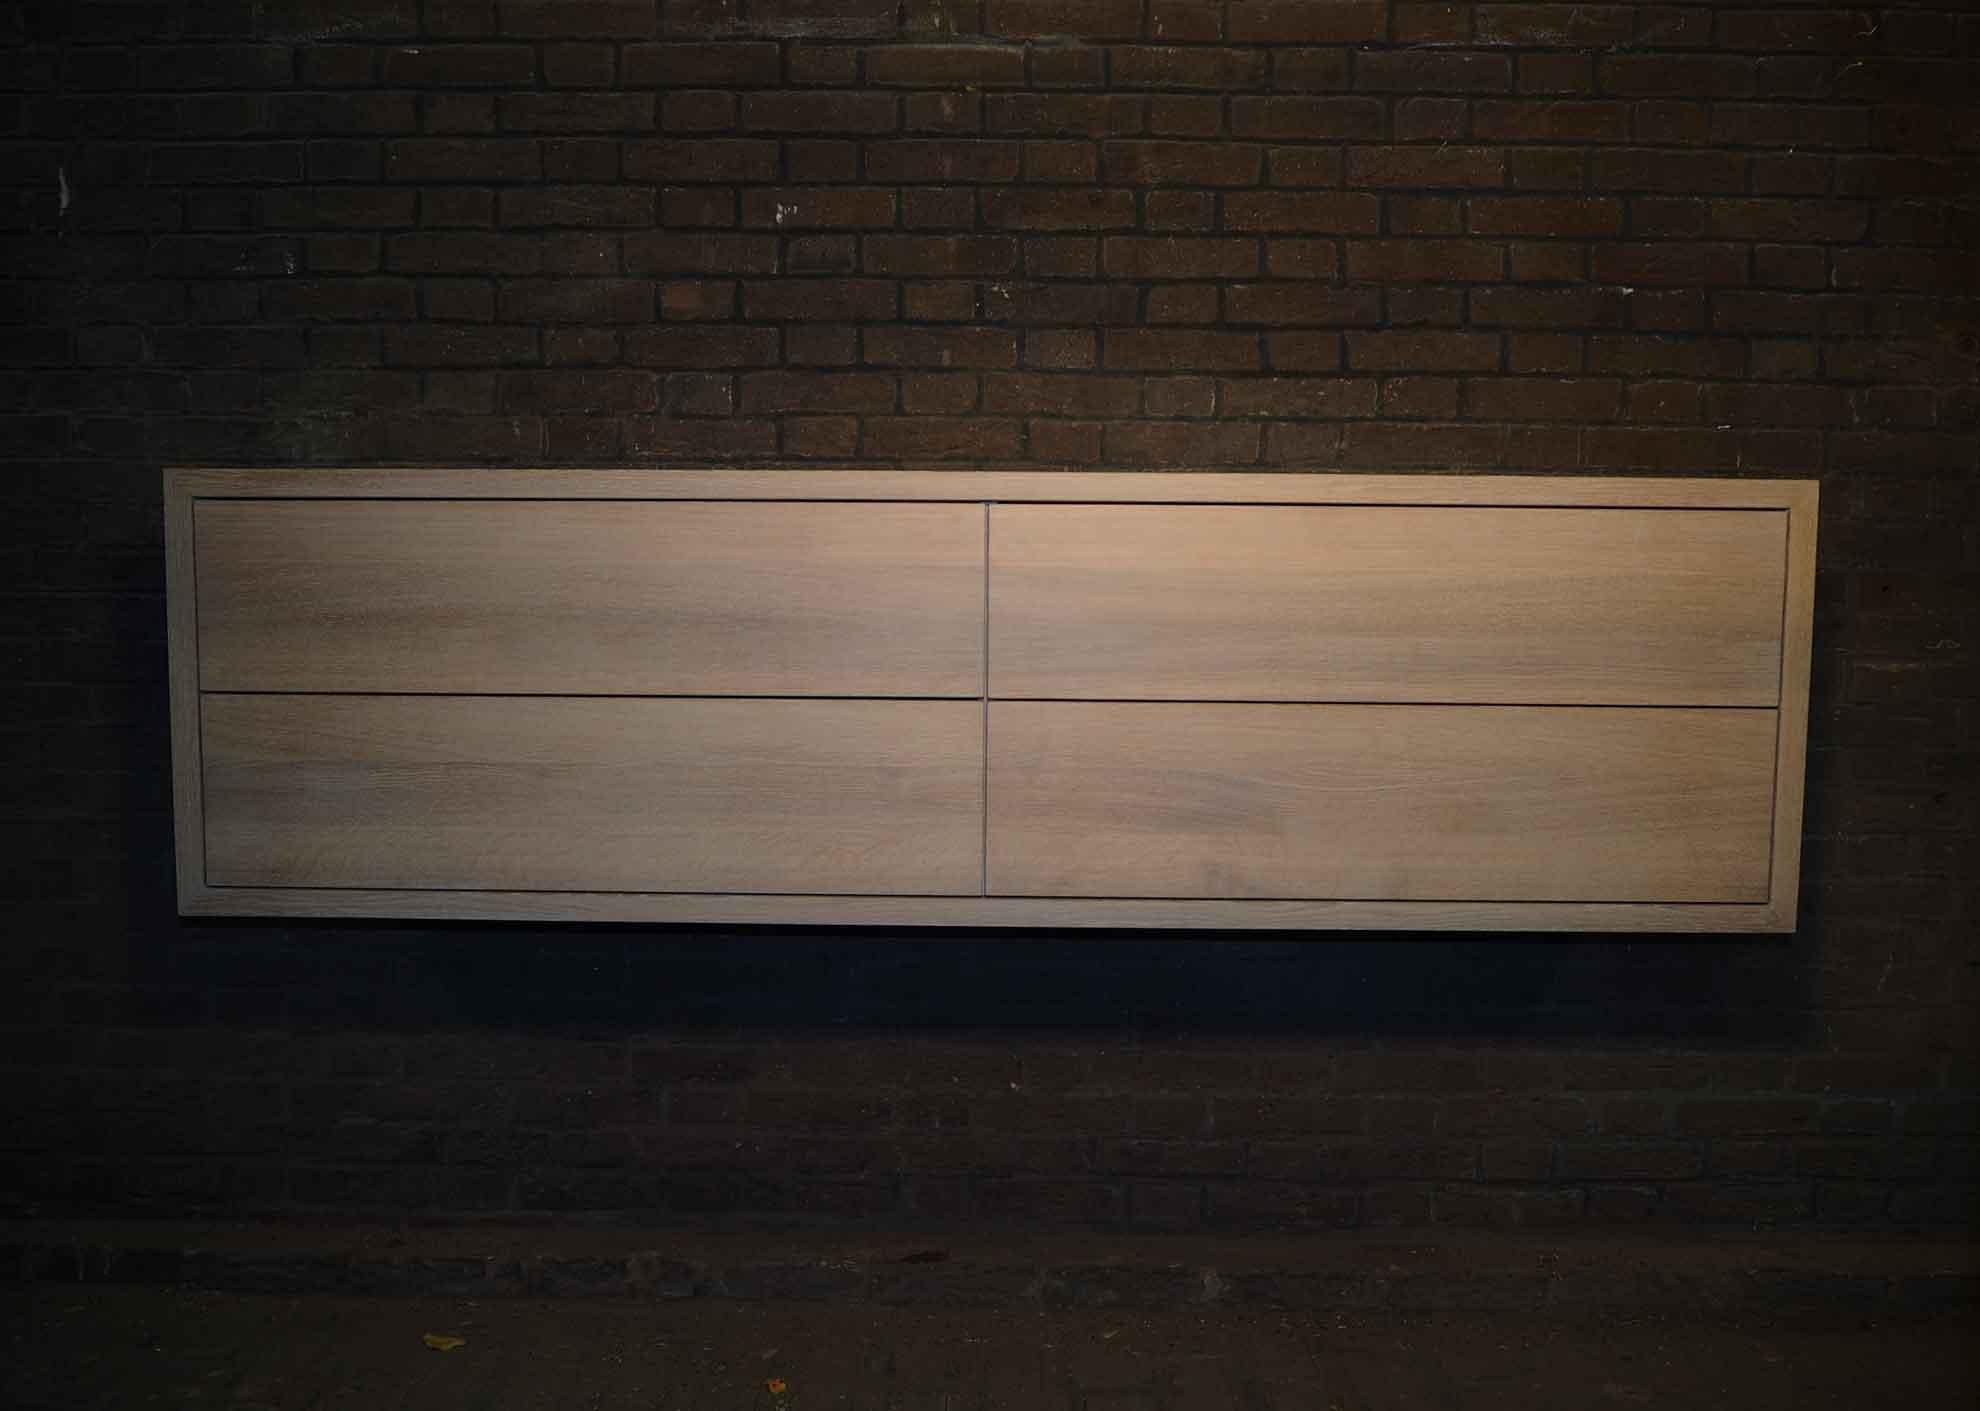 Badkamermeubel Eiken: Massief eiken badkamermeubel meubelmarcker ...